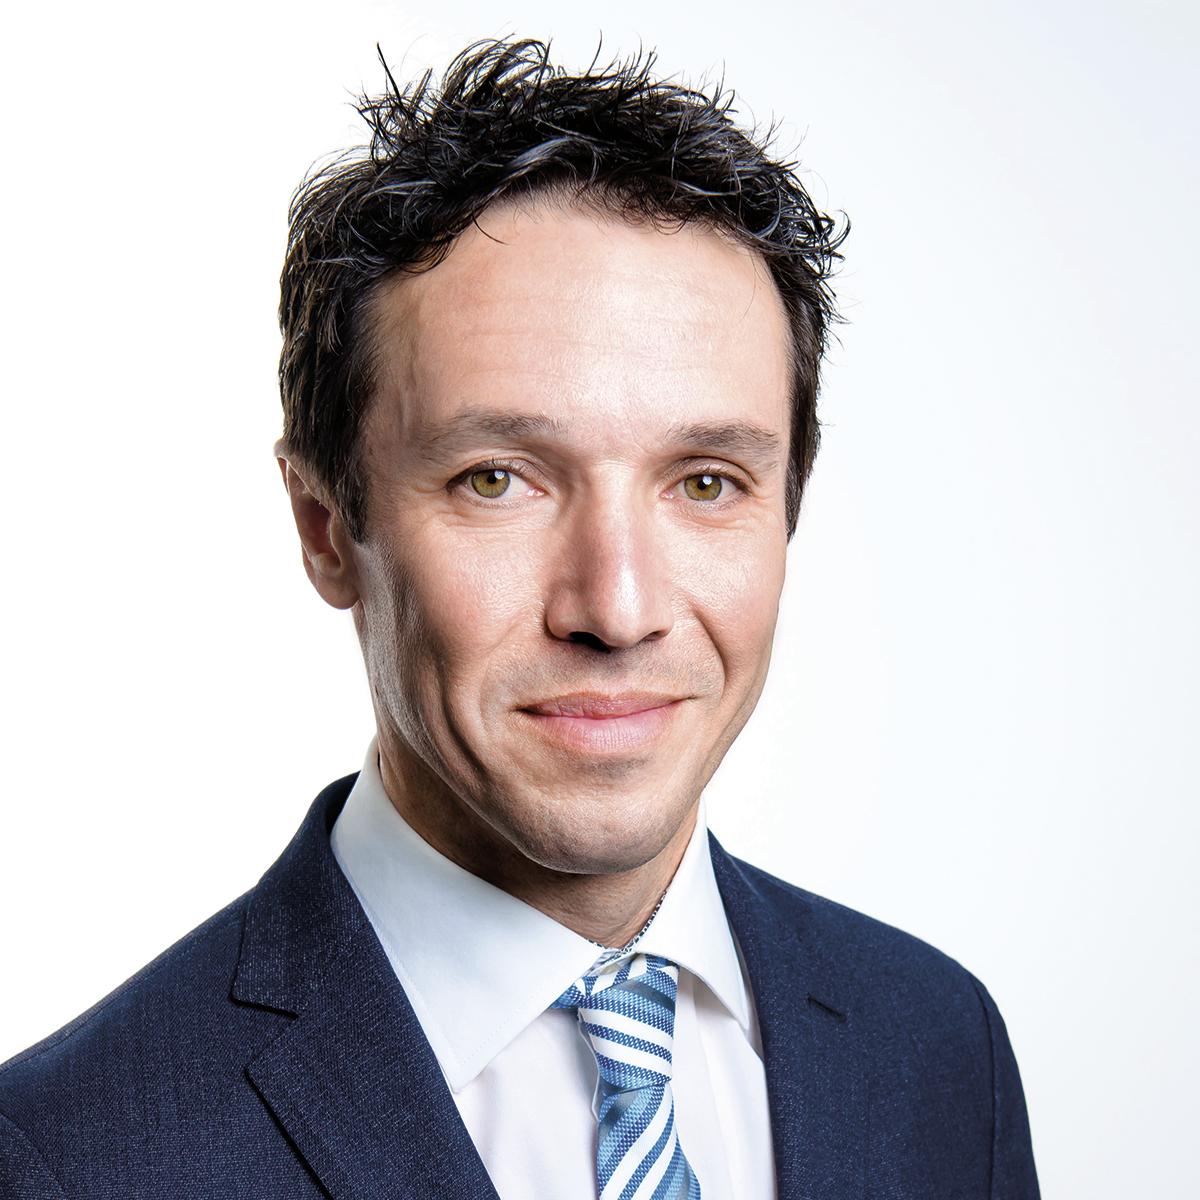 Portrait : Arlan Boulain, Président du Groupe Bleu Mercure